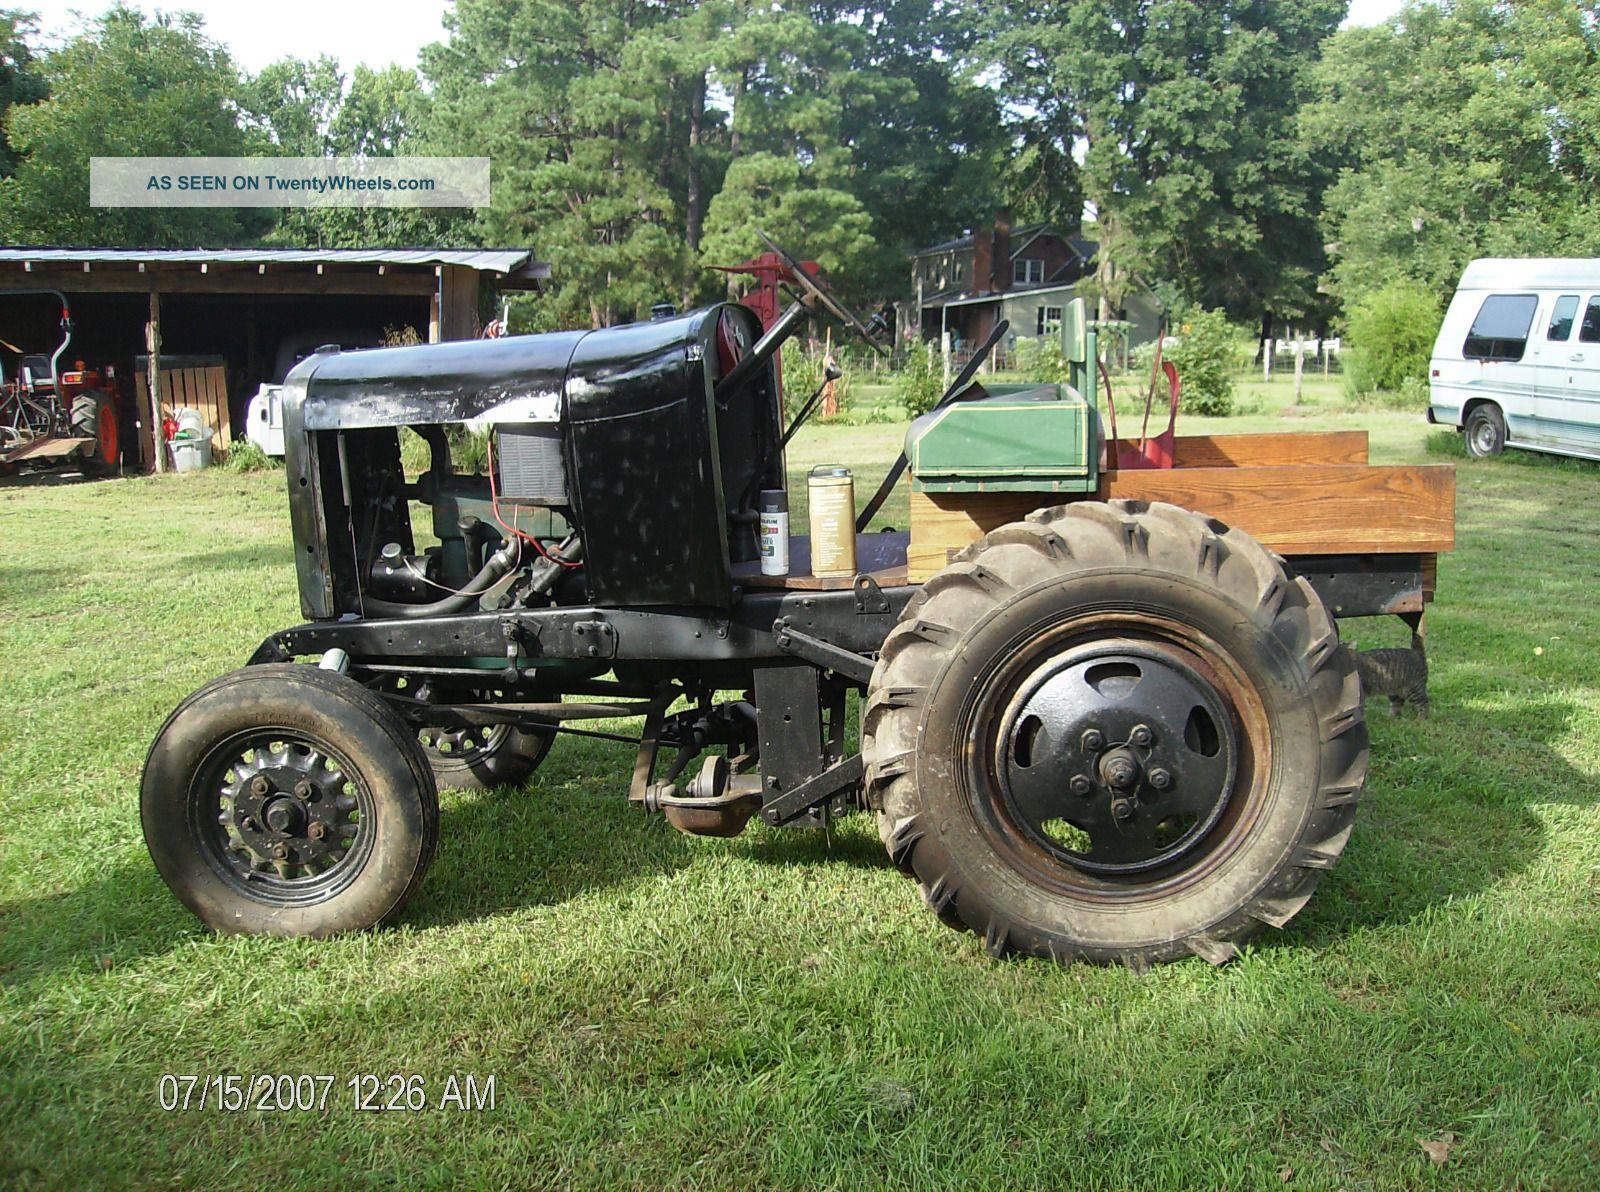 Bargain News Ct Trucks >> Bargainnews.com Used Cars | Upcomingcarshq.com